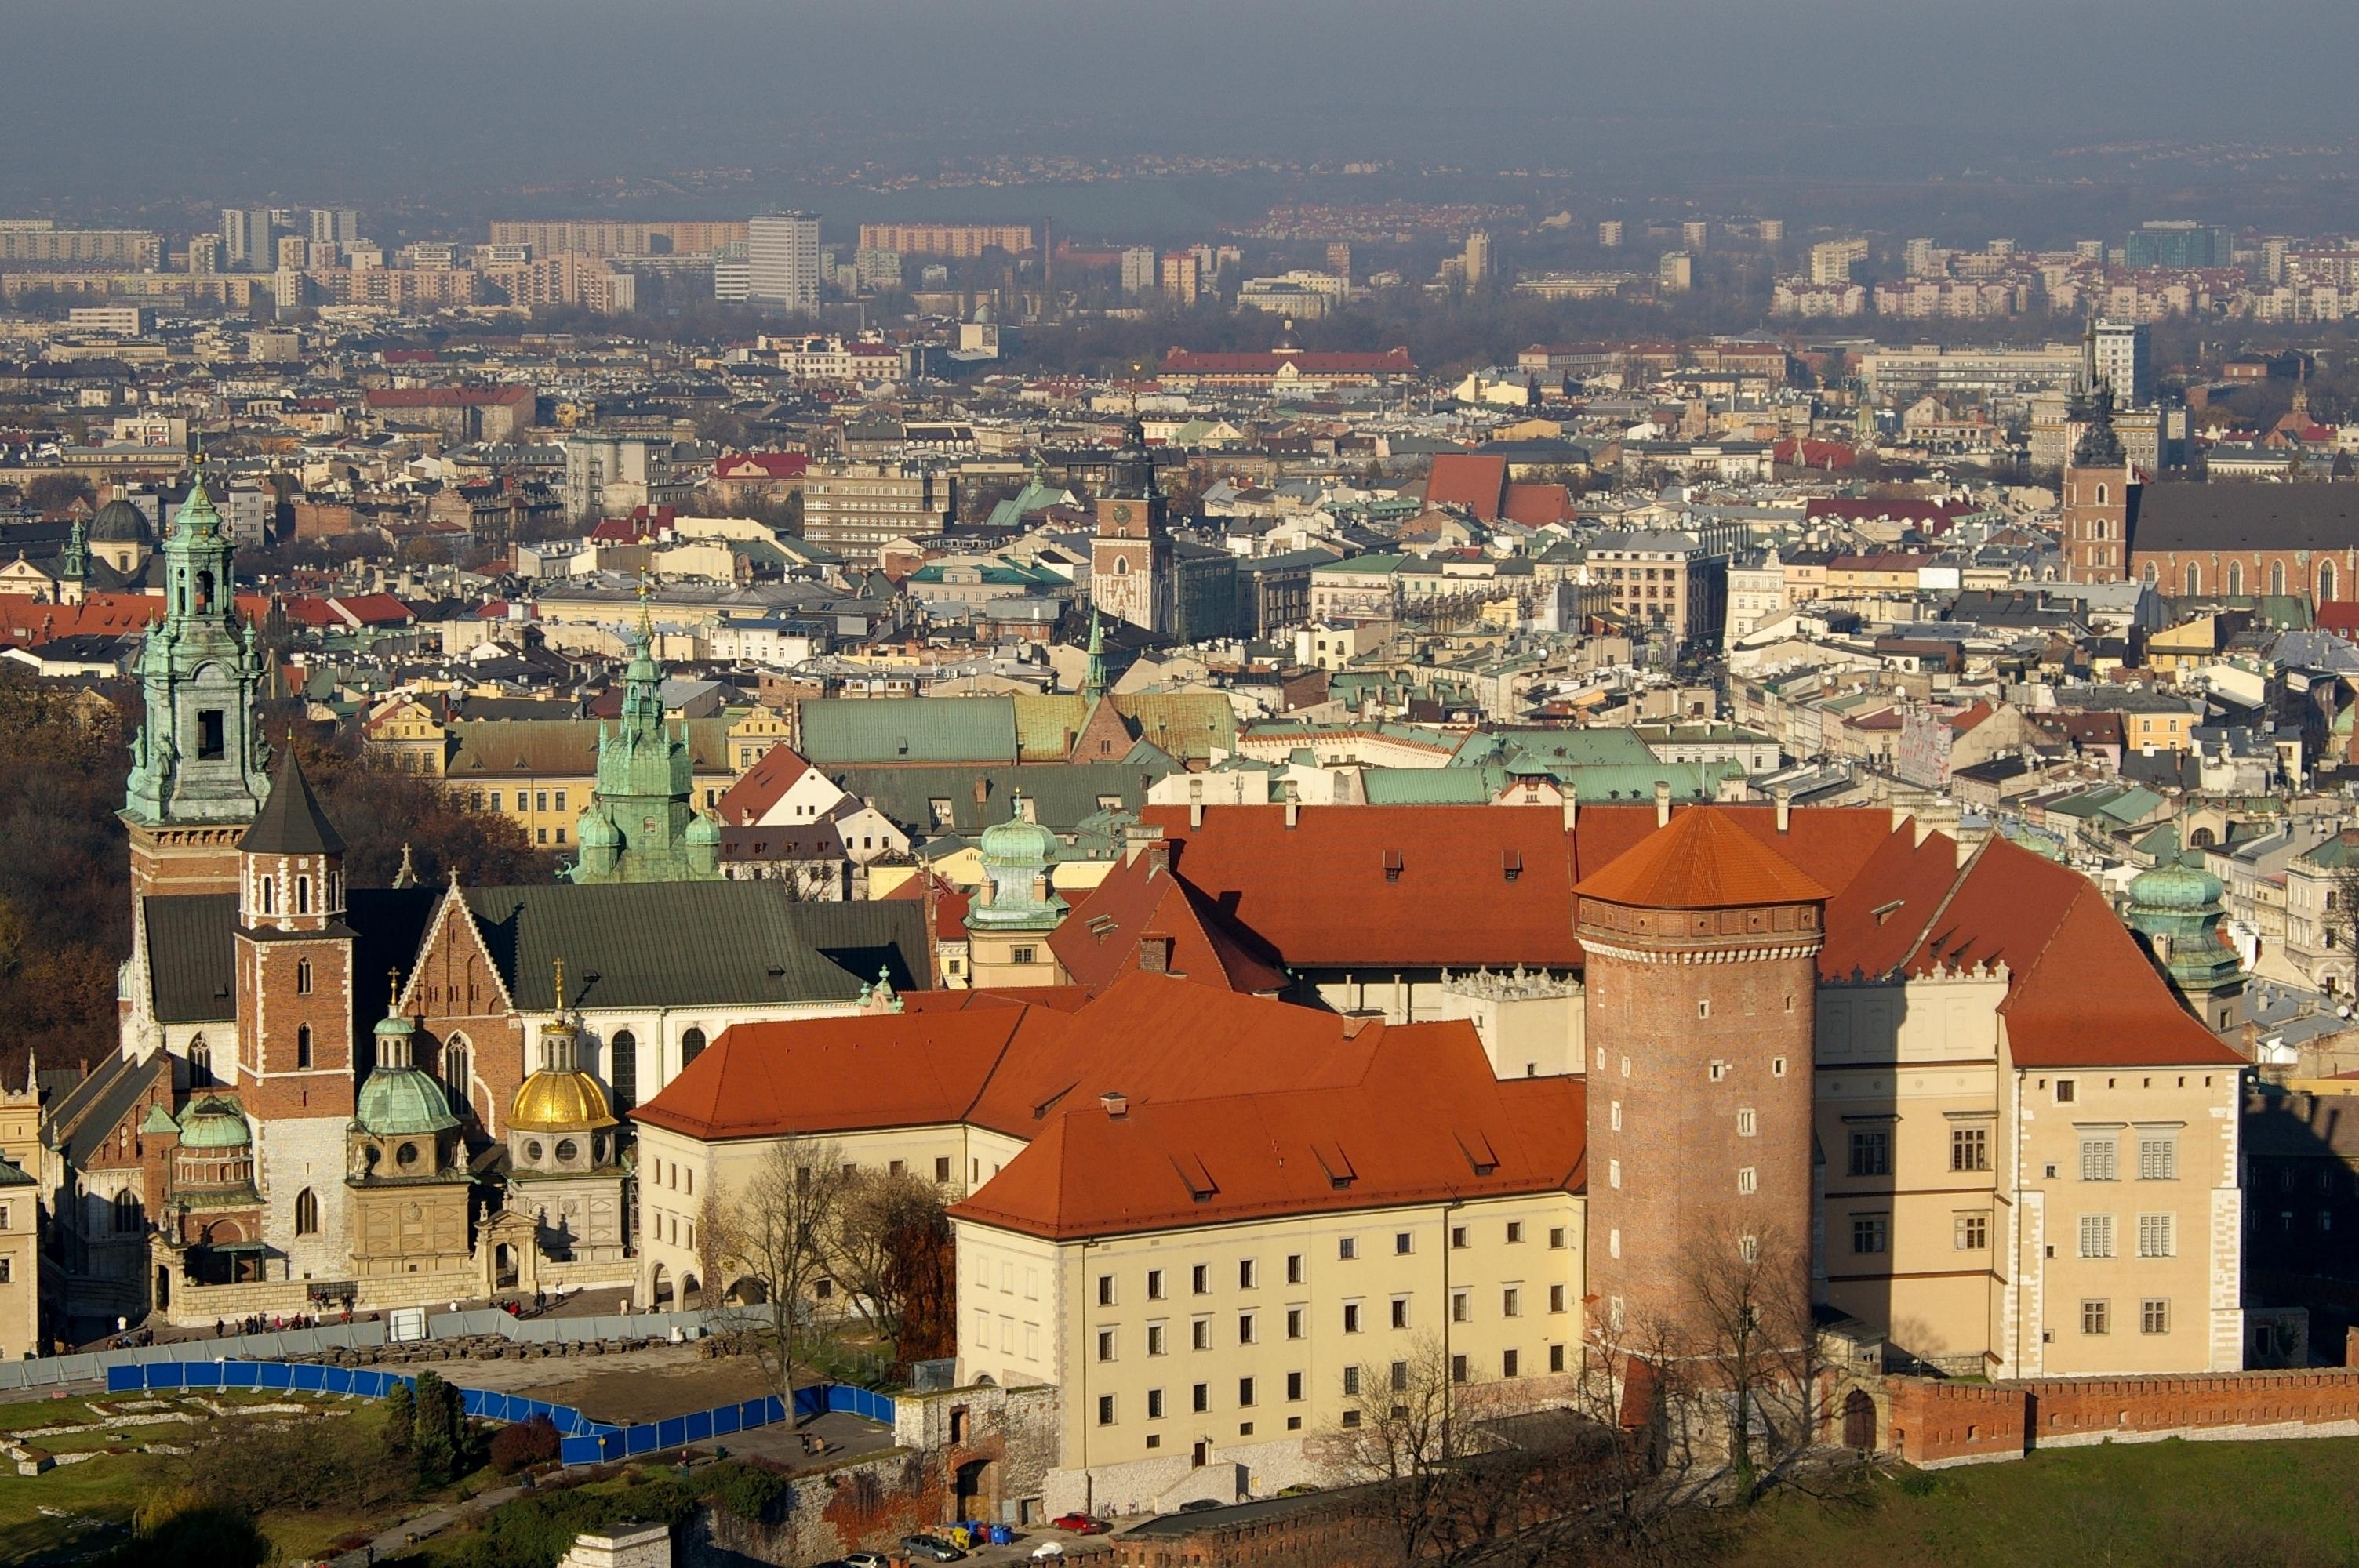 Siūlome savaitgalio kelionę į Lenkiją už itin patrauklią kainą!